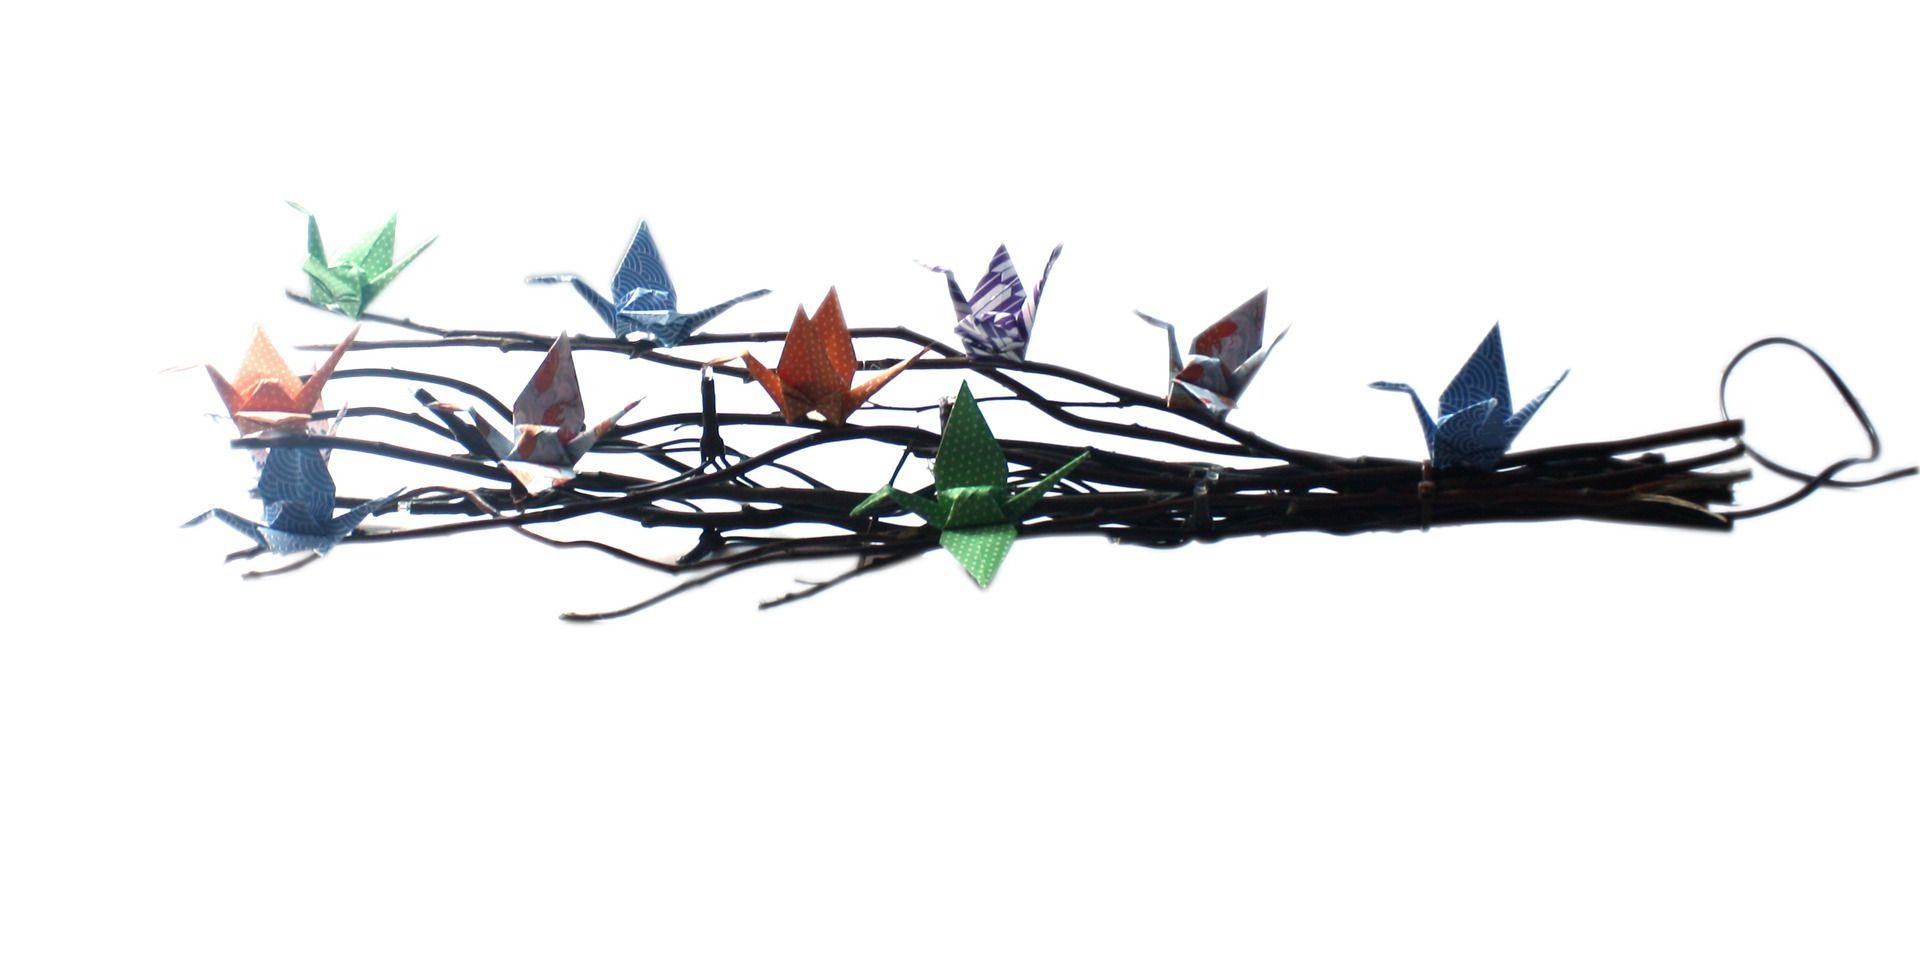 fagot de bois et grues origami, décoration de no u00ebl, pour centre de table ou meuble, guirlande  # Grand Fagot De Bois Decoration